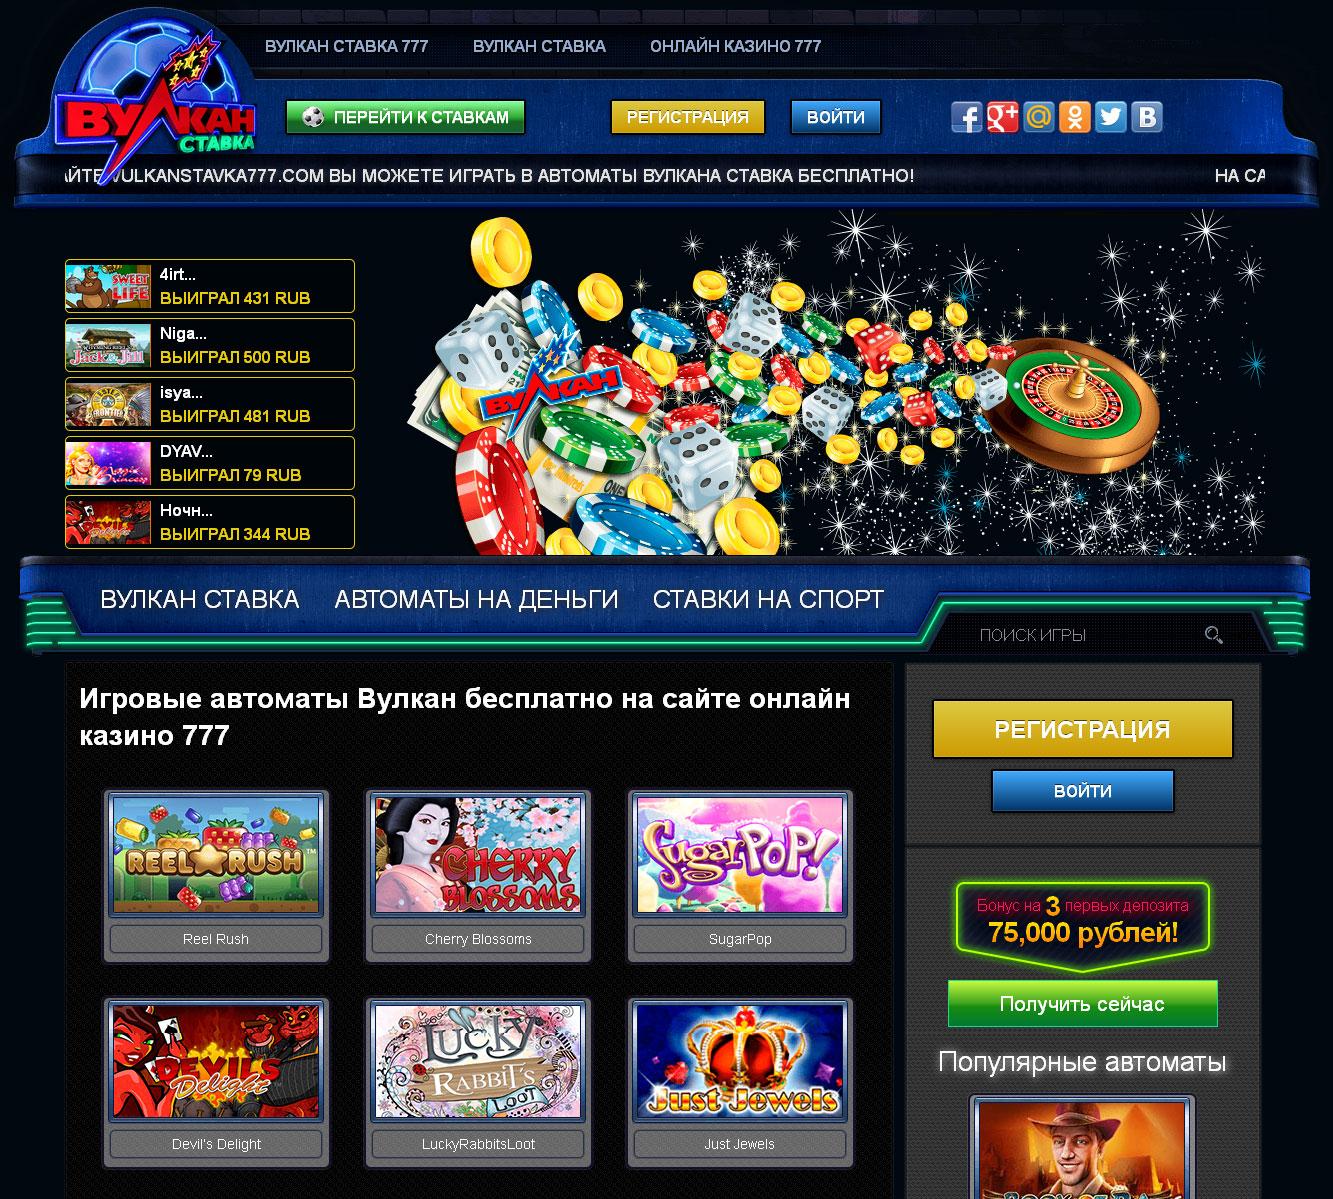 Бесплатные эмуляторы игровых автоматов онлайн скачать игровой автомат бесплатно на андроид